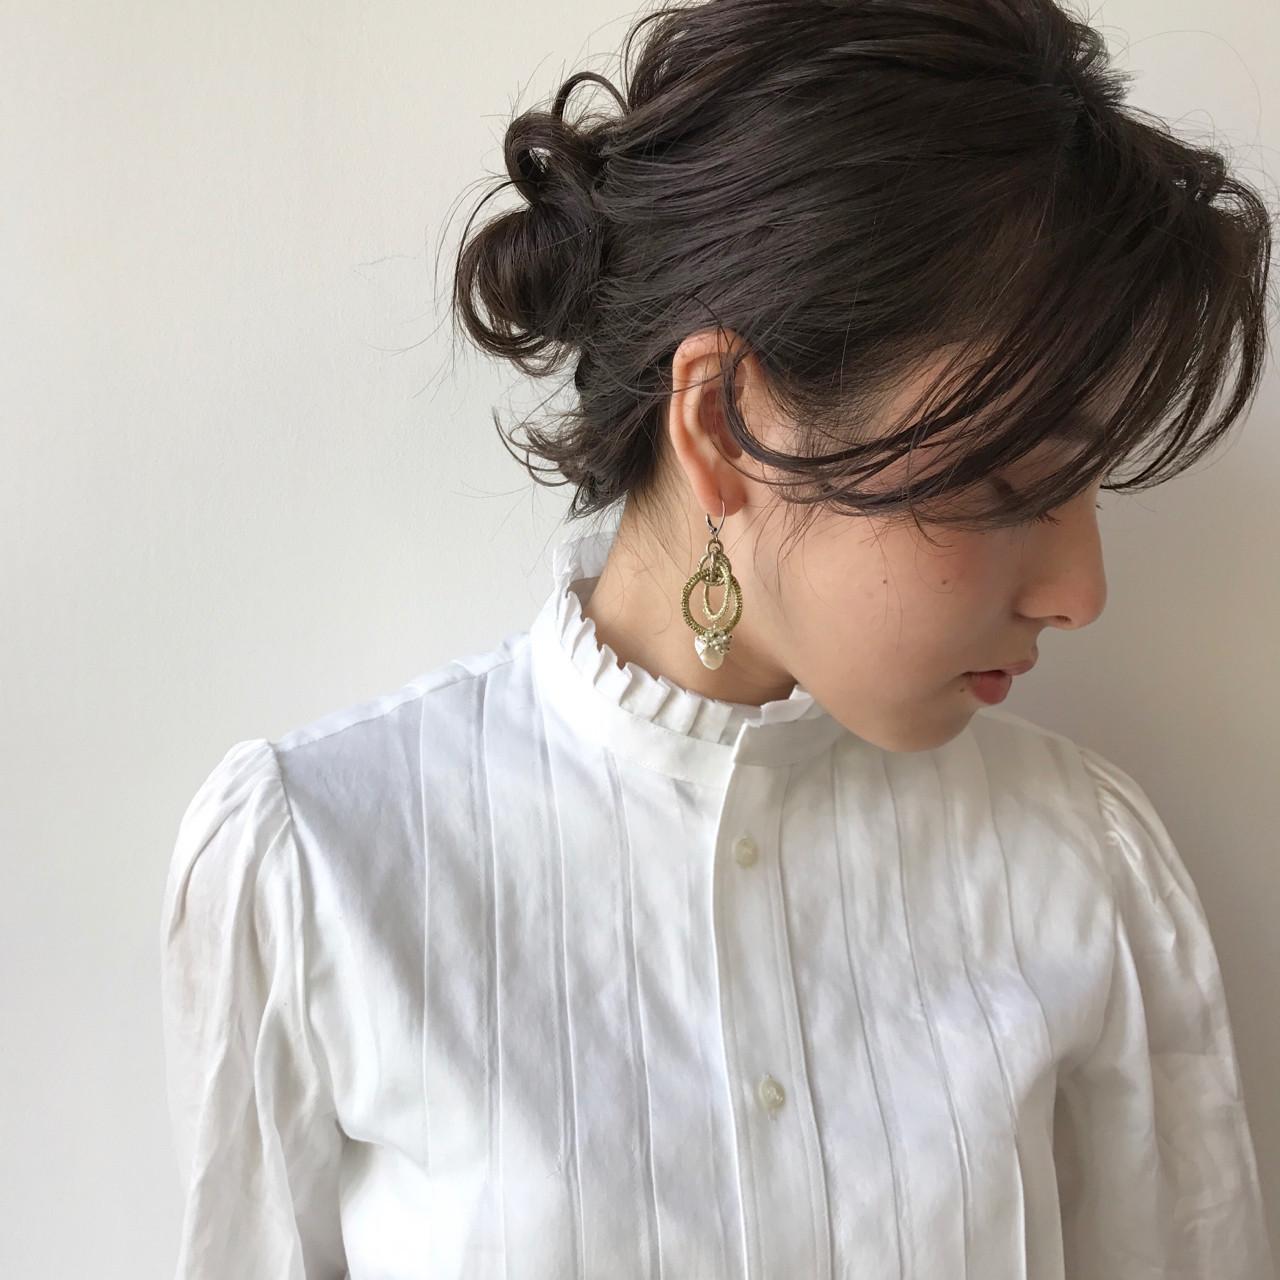 簡単ヘアアレンジ ナチュラル ハーフアップ フリンジバング ヘアスタイルや髪型の写真・画像